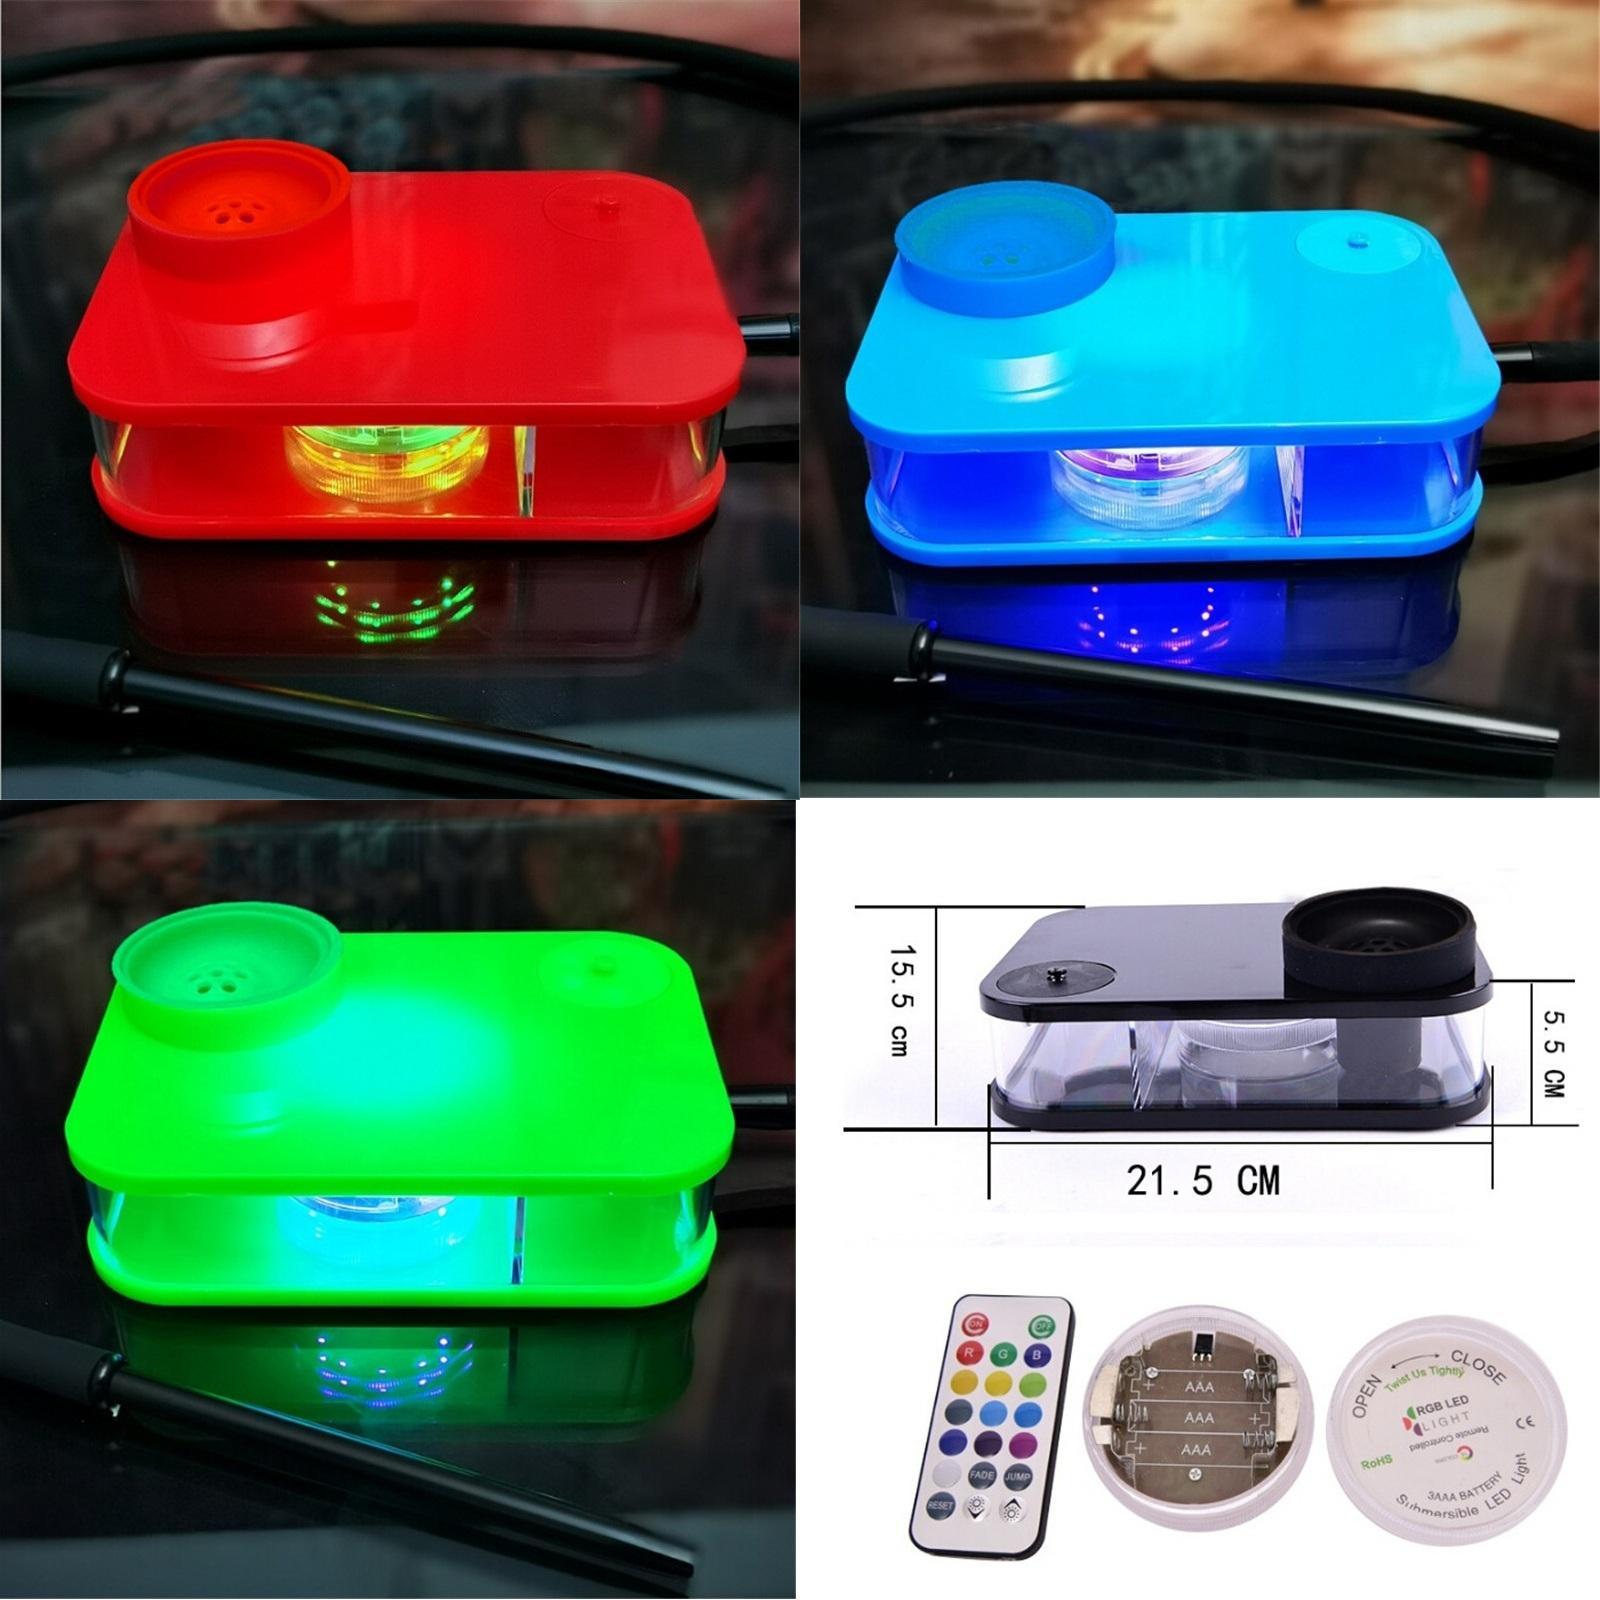 제어 가능한 LED 조명과 시샤 장치 데스크탑 담뱃대 차 세트 스타일을 살짝 조작 5 색 파티 바 Dabber 파이프